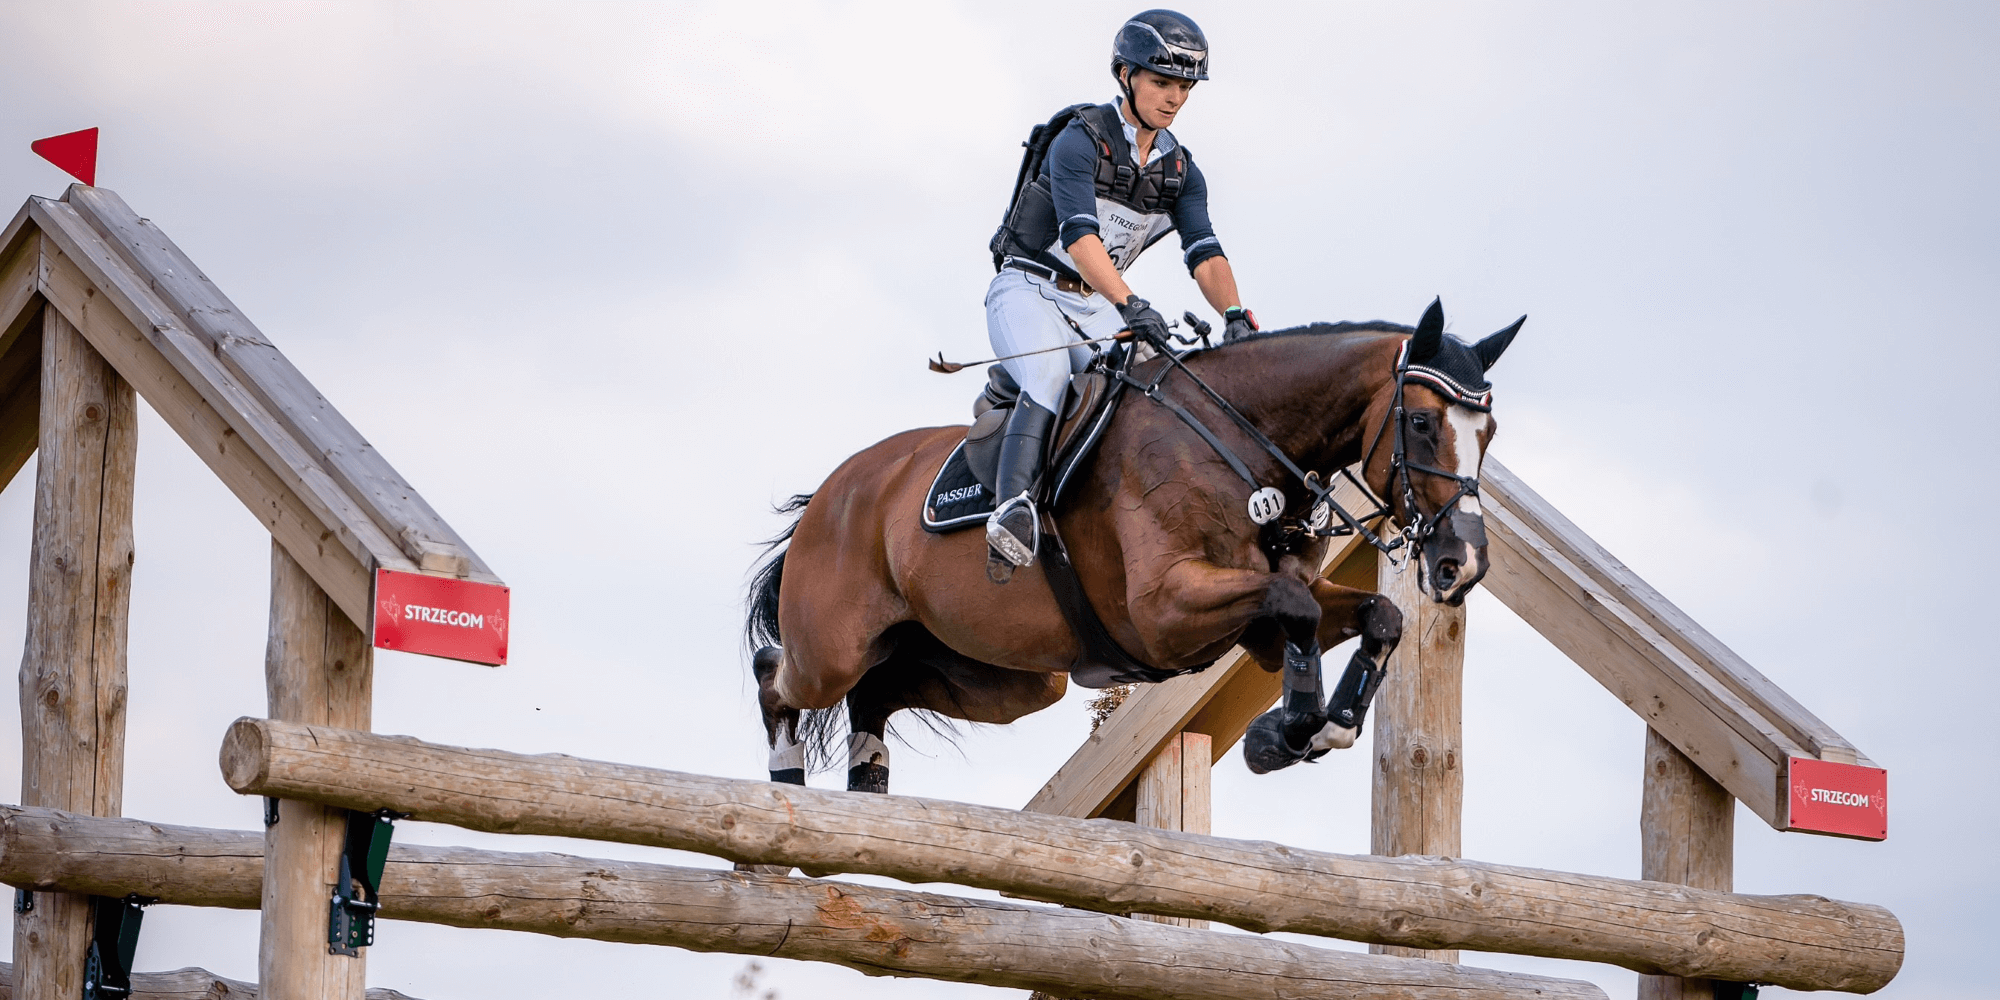 Vielseitigkeit: Alles über die abwechslungsreiche Pferdesportart